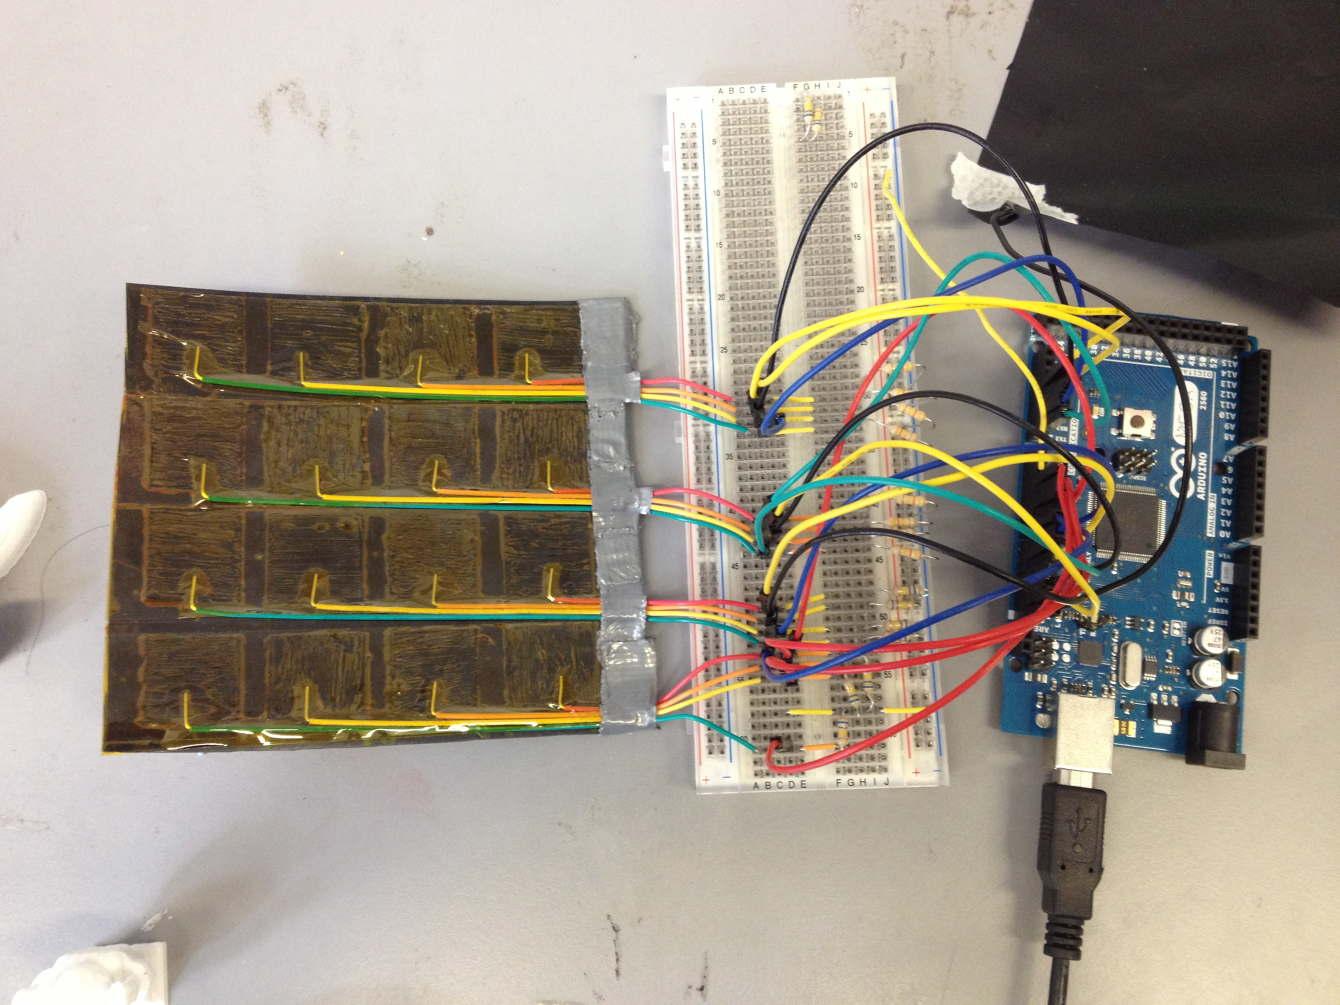 3d printed pressure sensors - raunaq bose